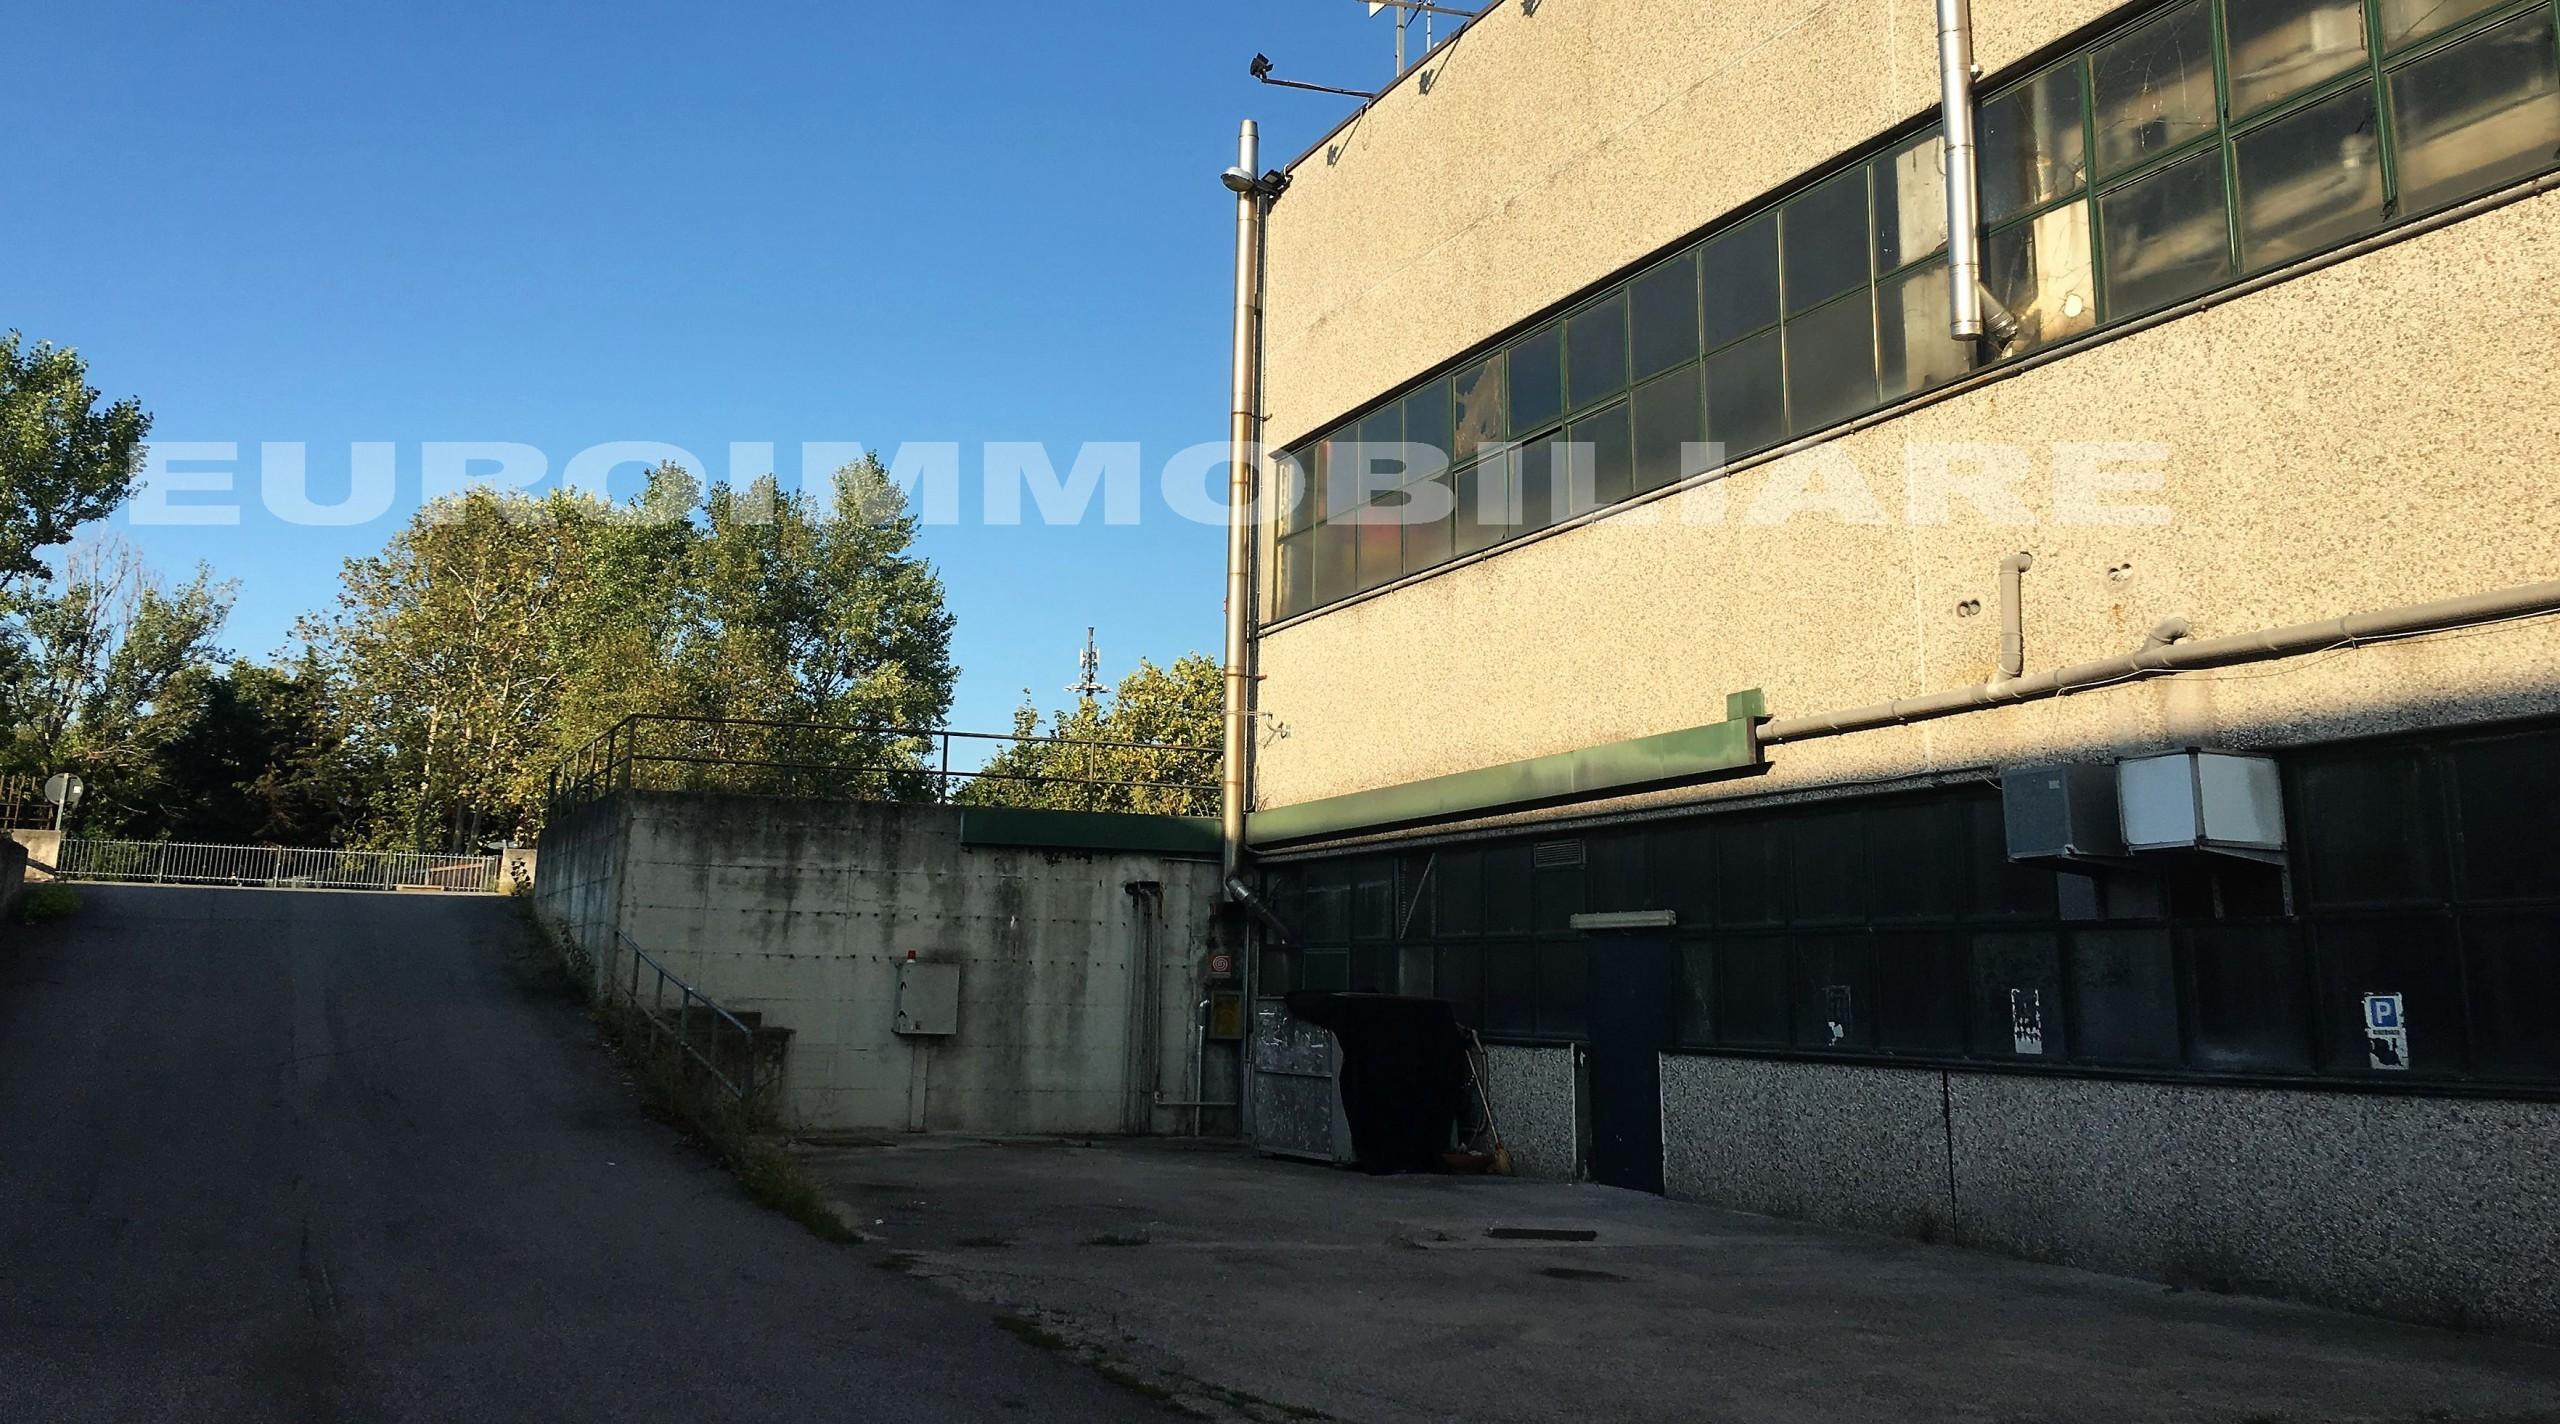 Magazzino e laboratorio a Brescia